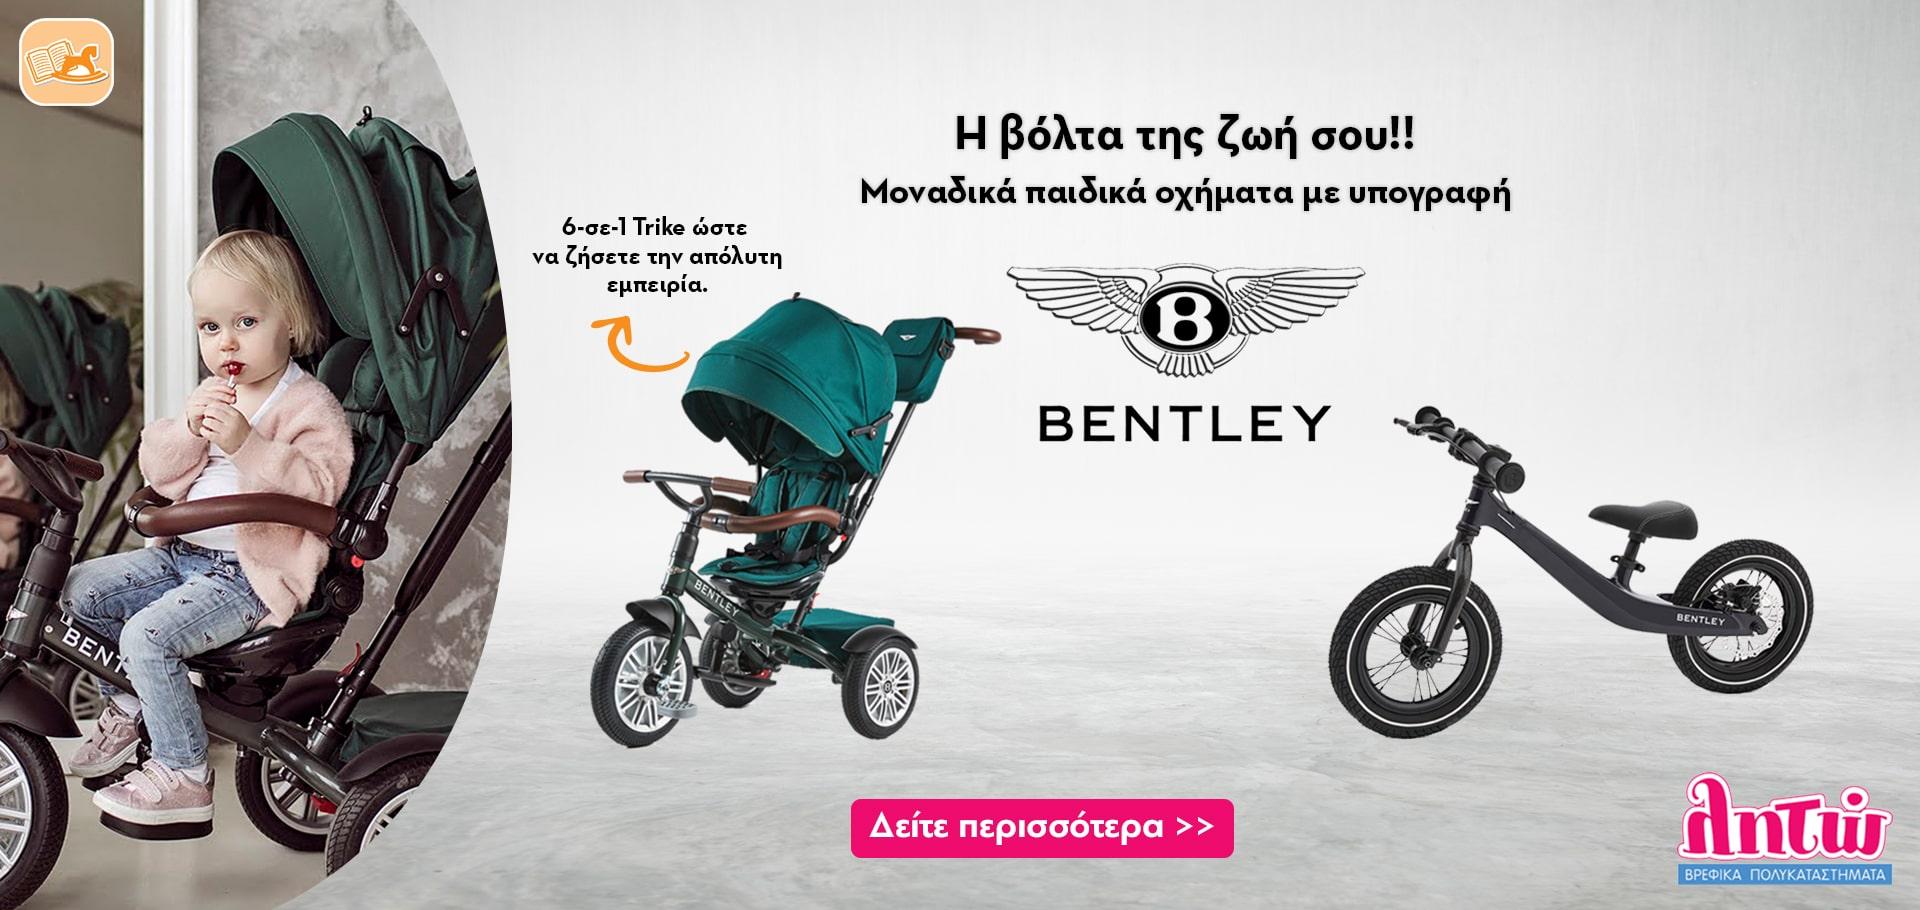 Bentley - Νέα άφιξη